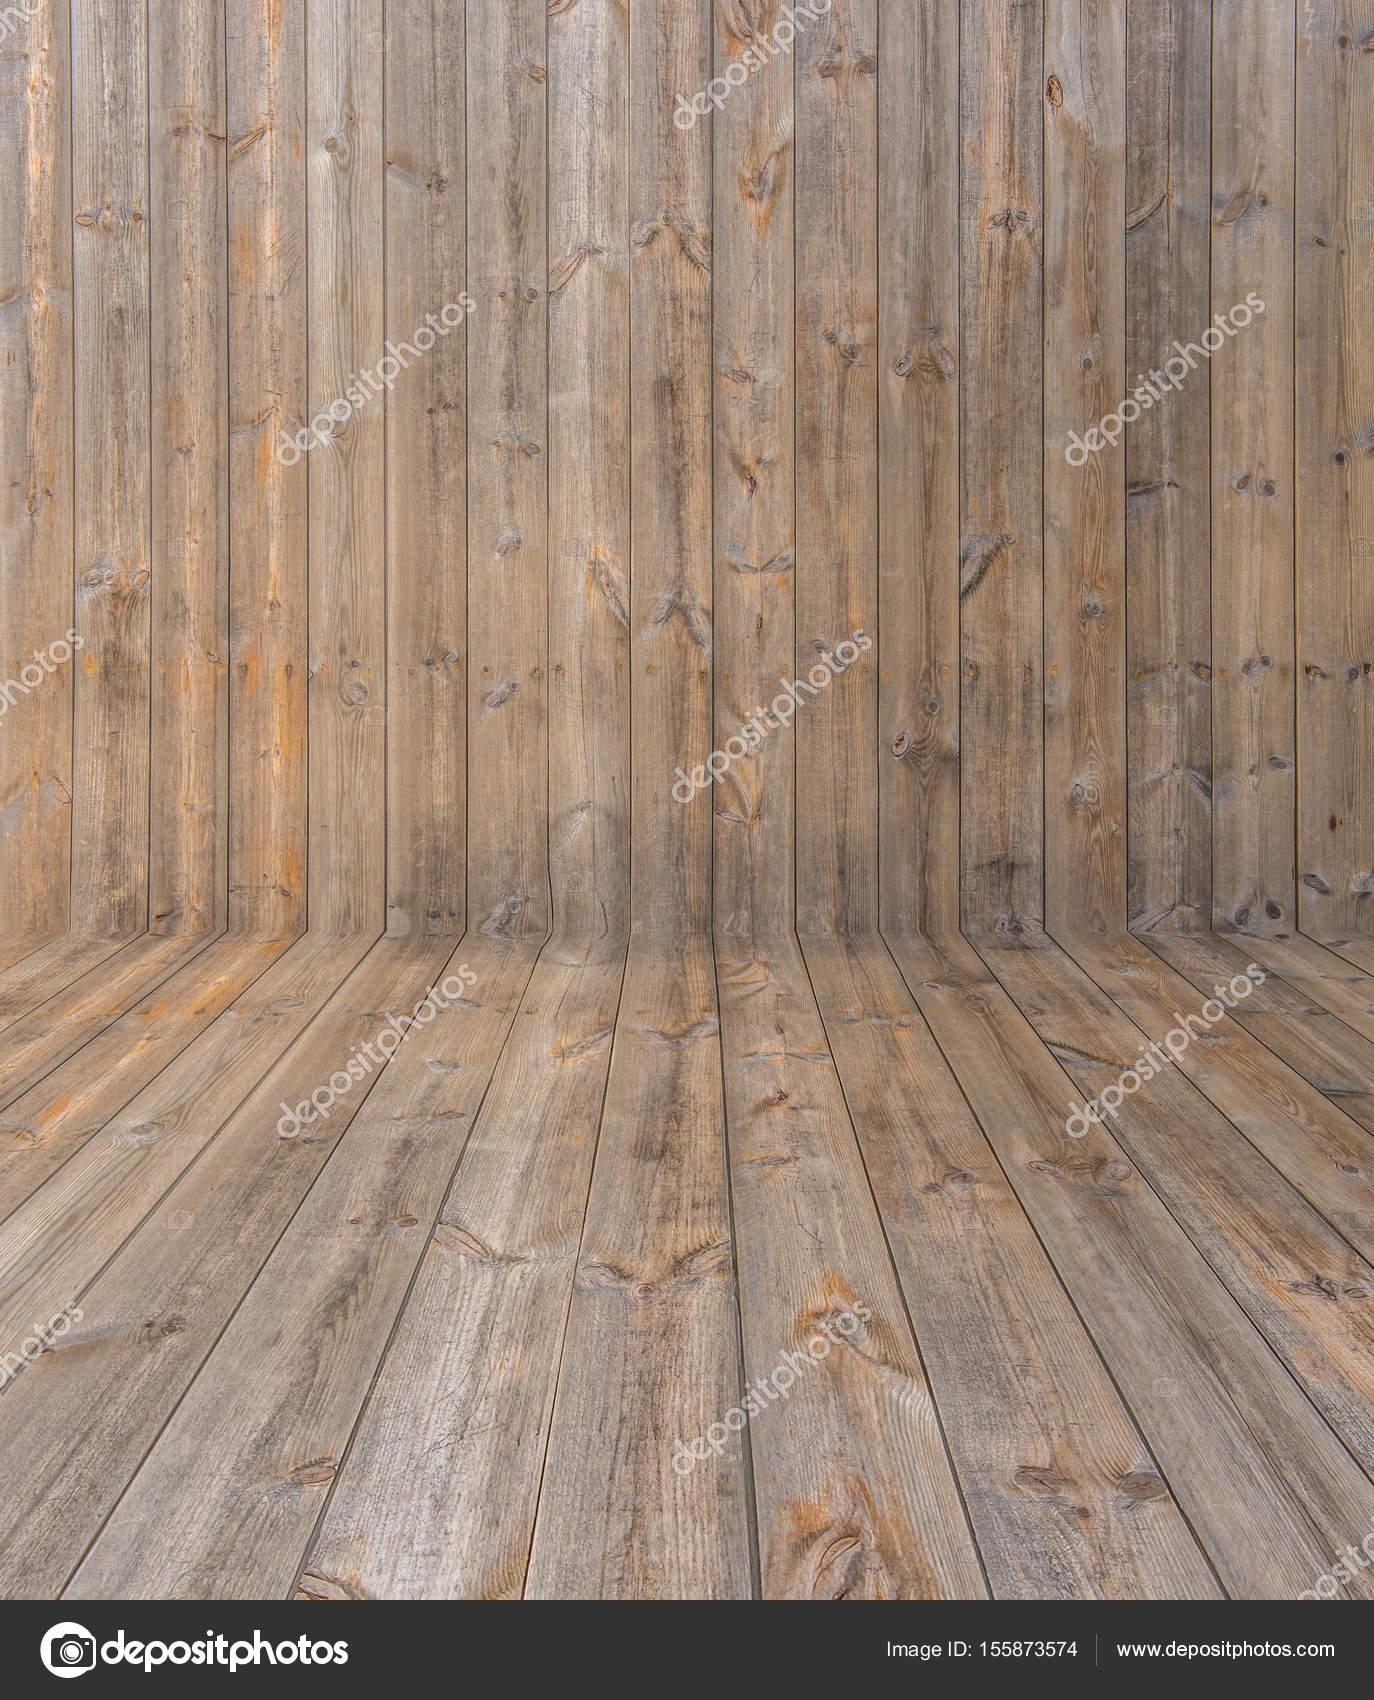 Houten Planken Voor Muur.Houten Planken Muur Textuur Abstract Voor Achtergrond